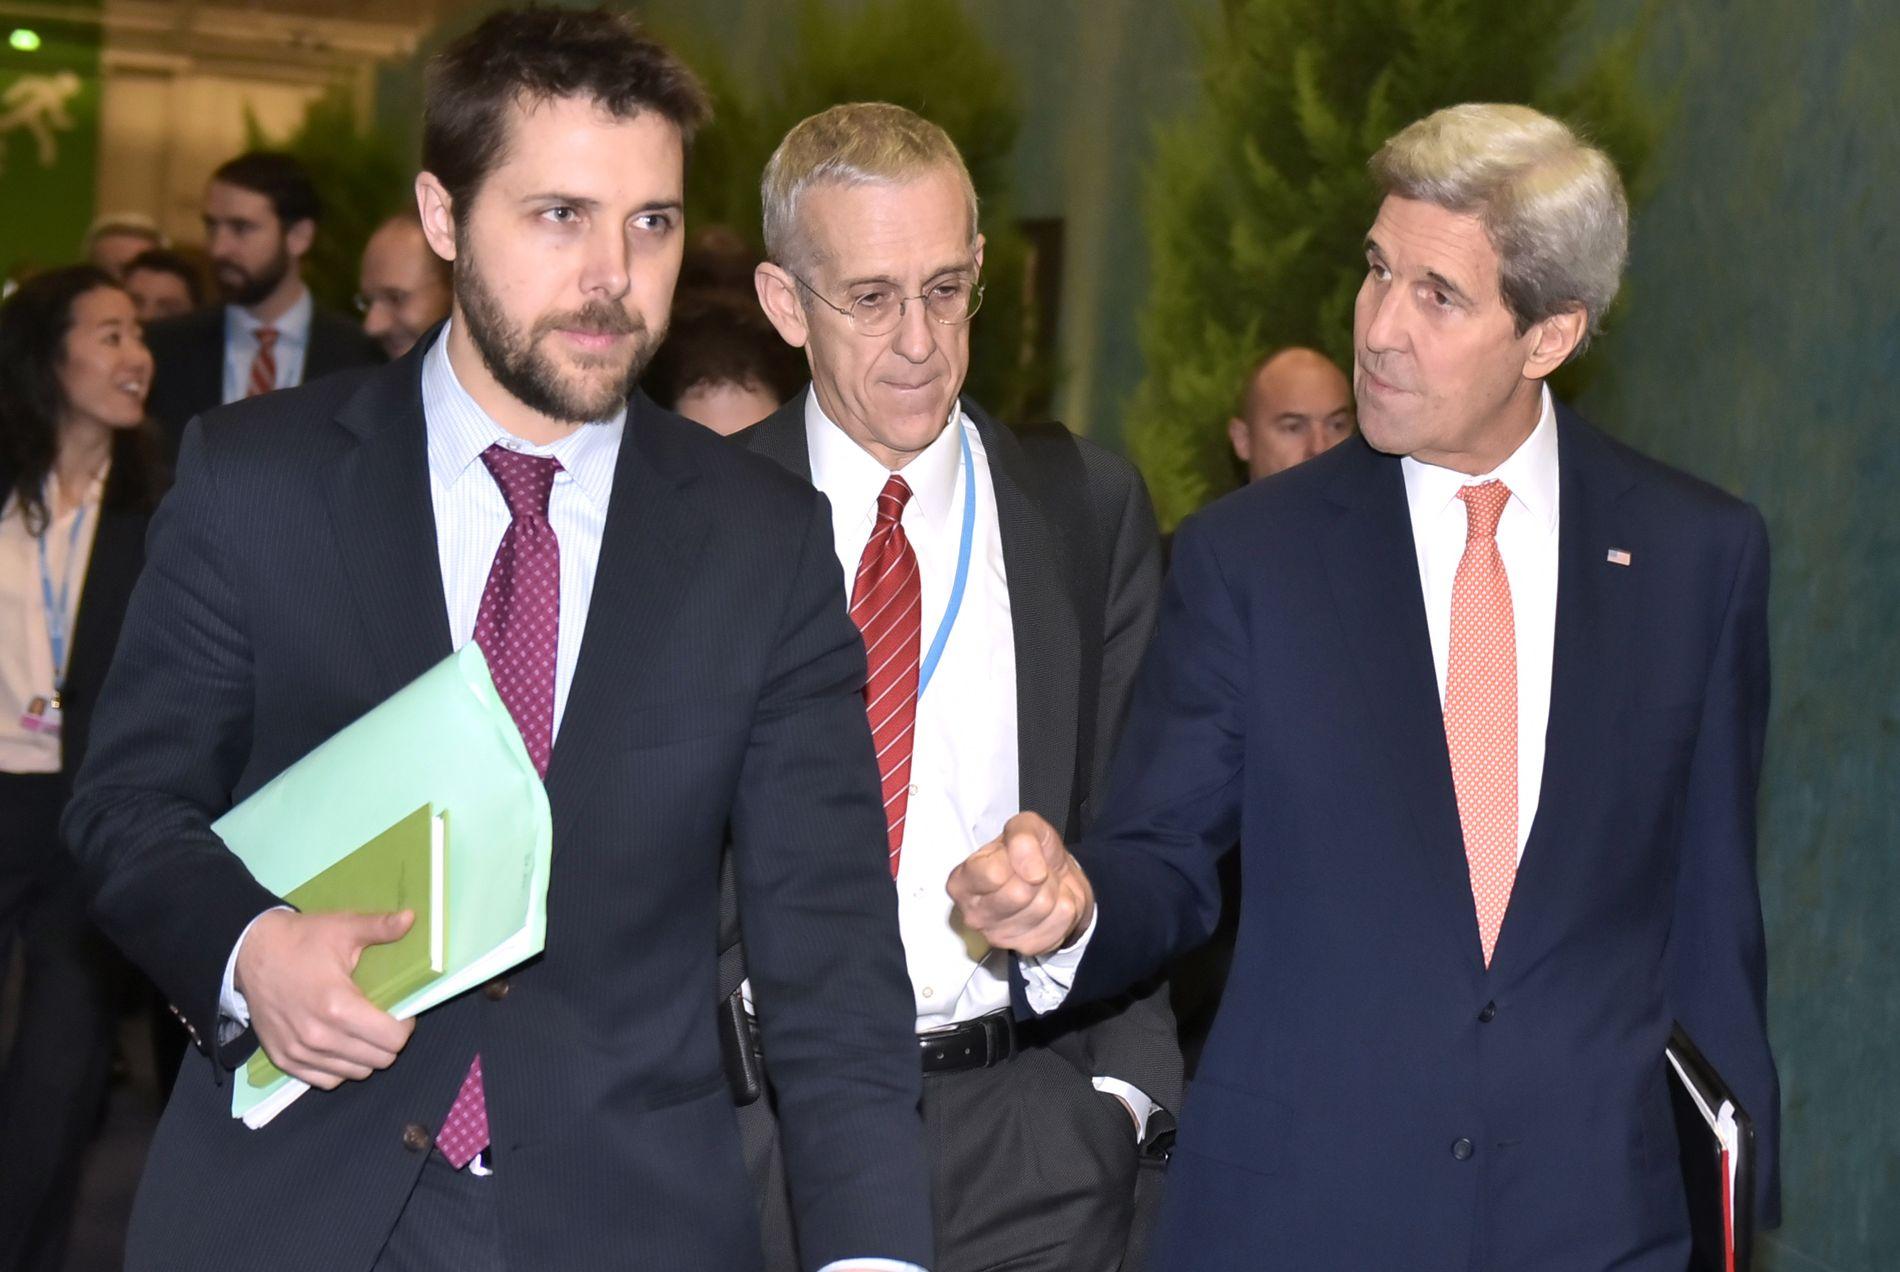 FLAU AV TRUMP: Brian Deese (t.v) gjestet tirsdag Zero-konferansen i Oslo. Han var tidligere president Barack Obamas nærmeste klimarådgiver. Her under klimaforhandlingene i Paris, sammen med USAs tidligere utenriksminister John Kerry (t.h) og med klimaforhander Todd Stern.